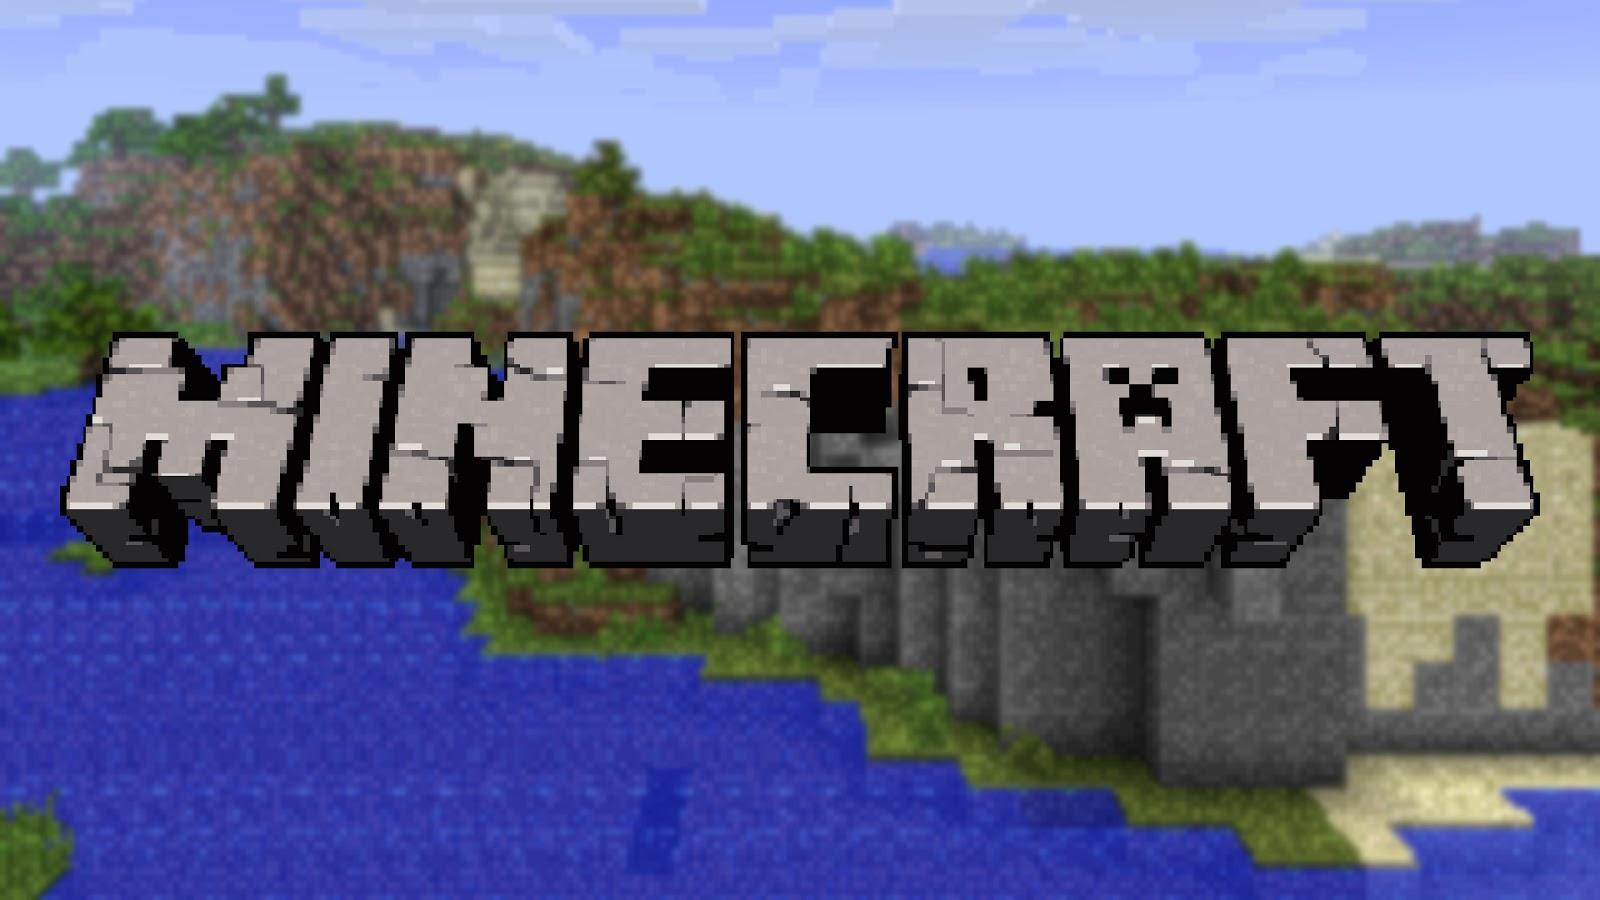 comment voir la hitbox dans minecraft